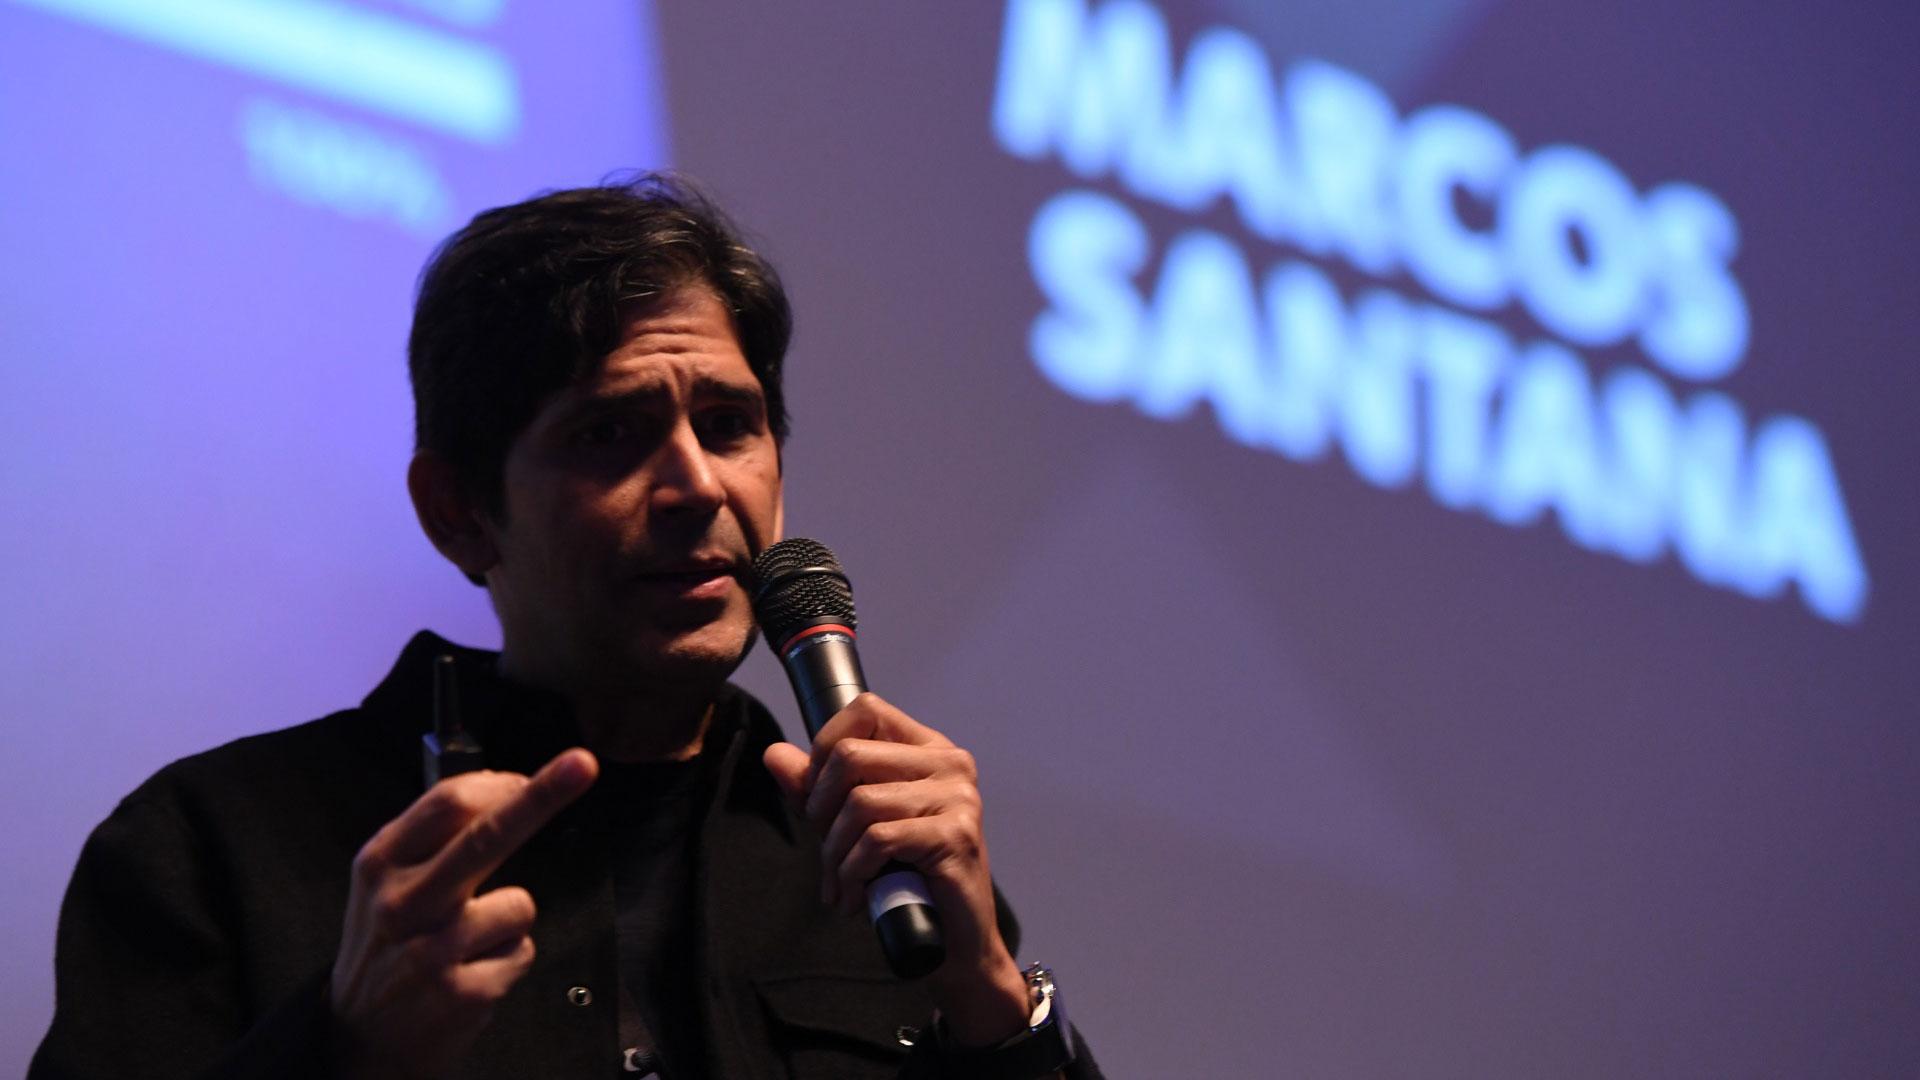 La conferencia de Santana fue corta y contundente y despertó el interés de la audiencia